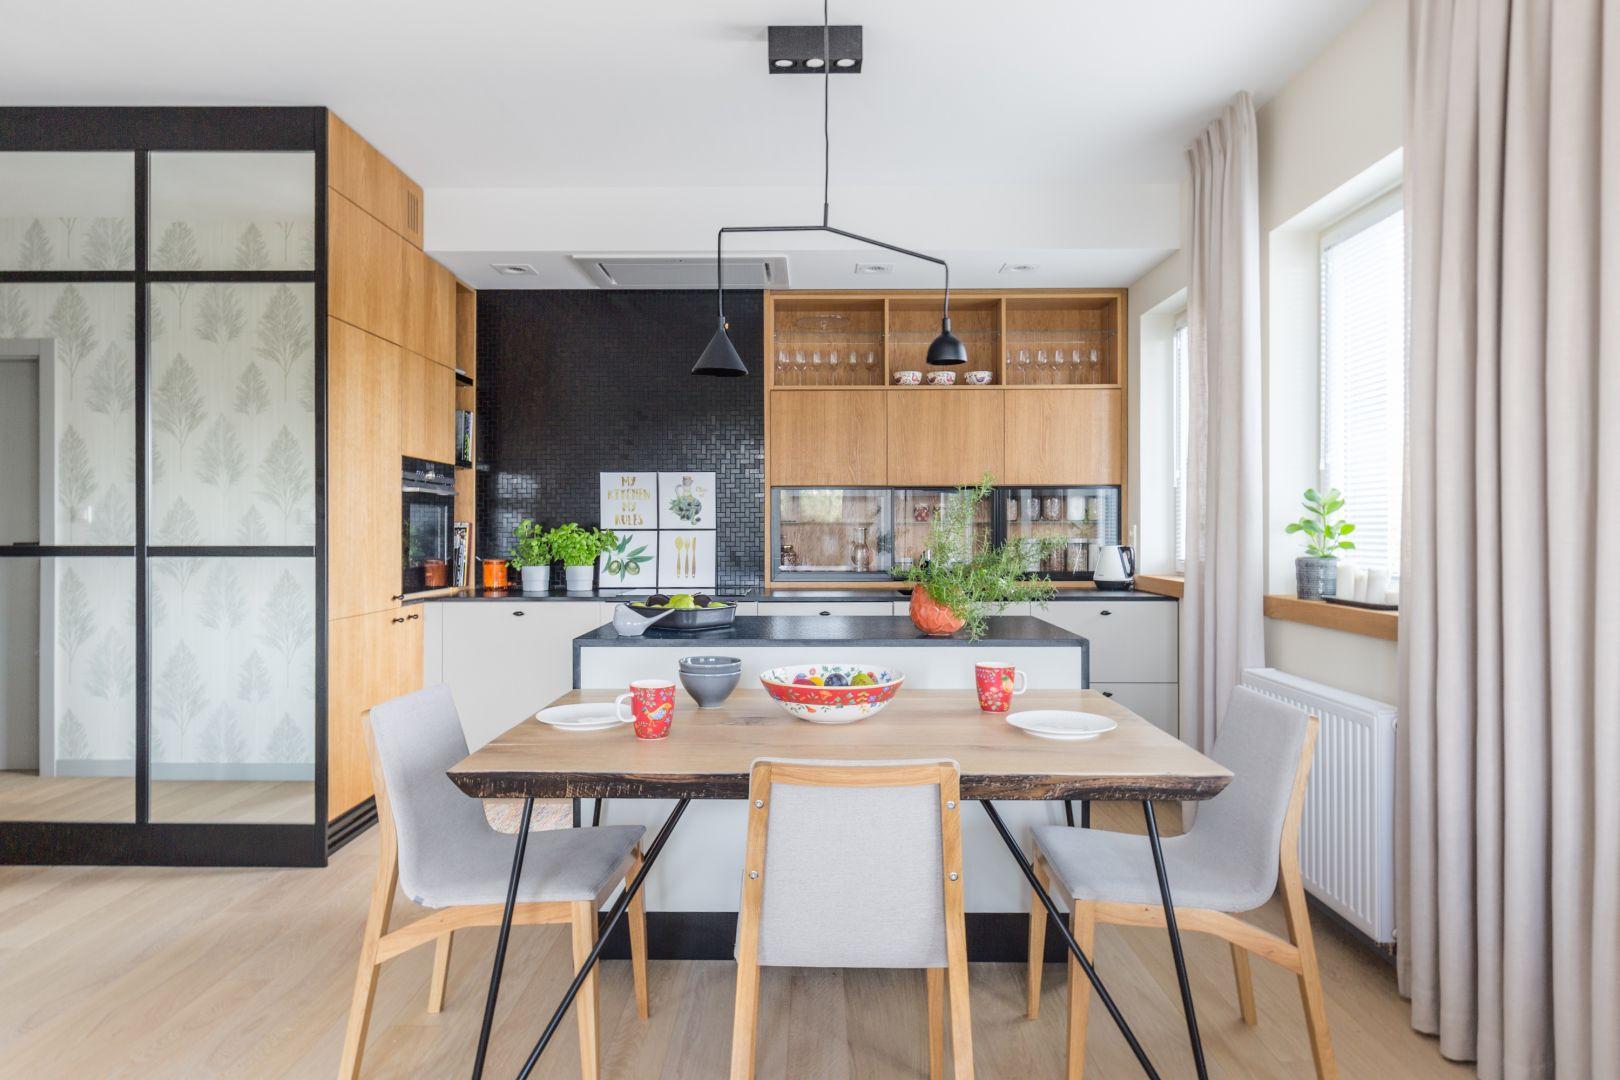 Od kilku lat, dużą popularnością cieszą się otwarte kuchni. Ten trend wnętrzarski jest bardzo wygodny a do tego – prezentuje się świetnie. Projekt Agnieszka Morawiec. fot. Pion Poziom